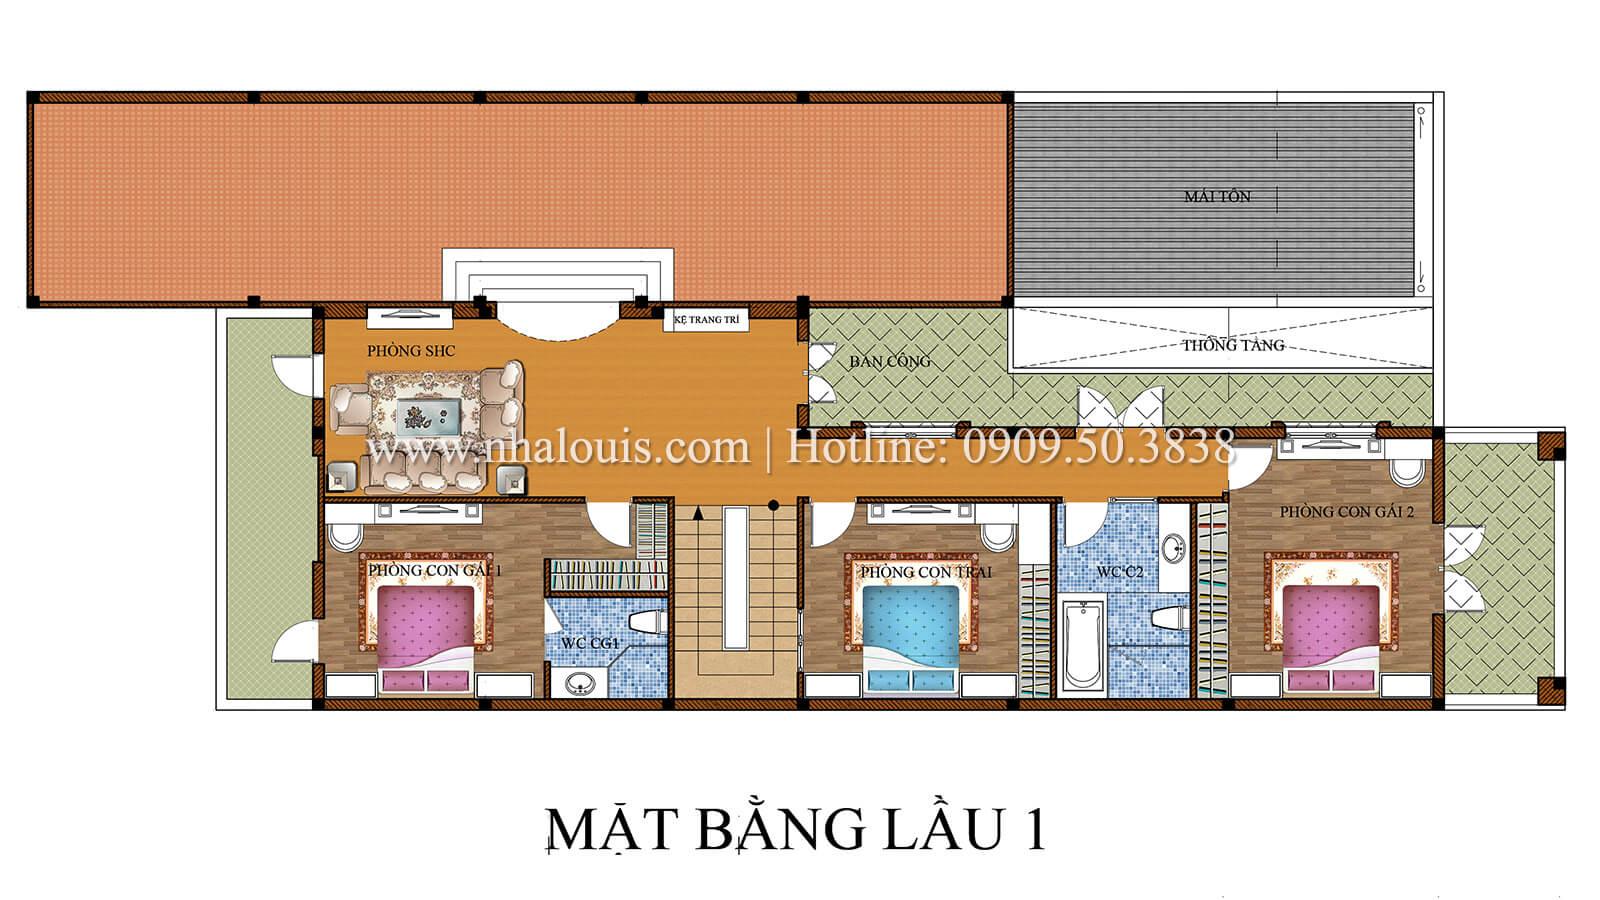 Mặt bằng lầu 1 Thiết kế biệt thự phong cách cổ điểnđẹp kết hợp kinh doanh tạiĐồng Nai